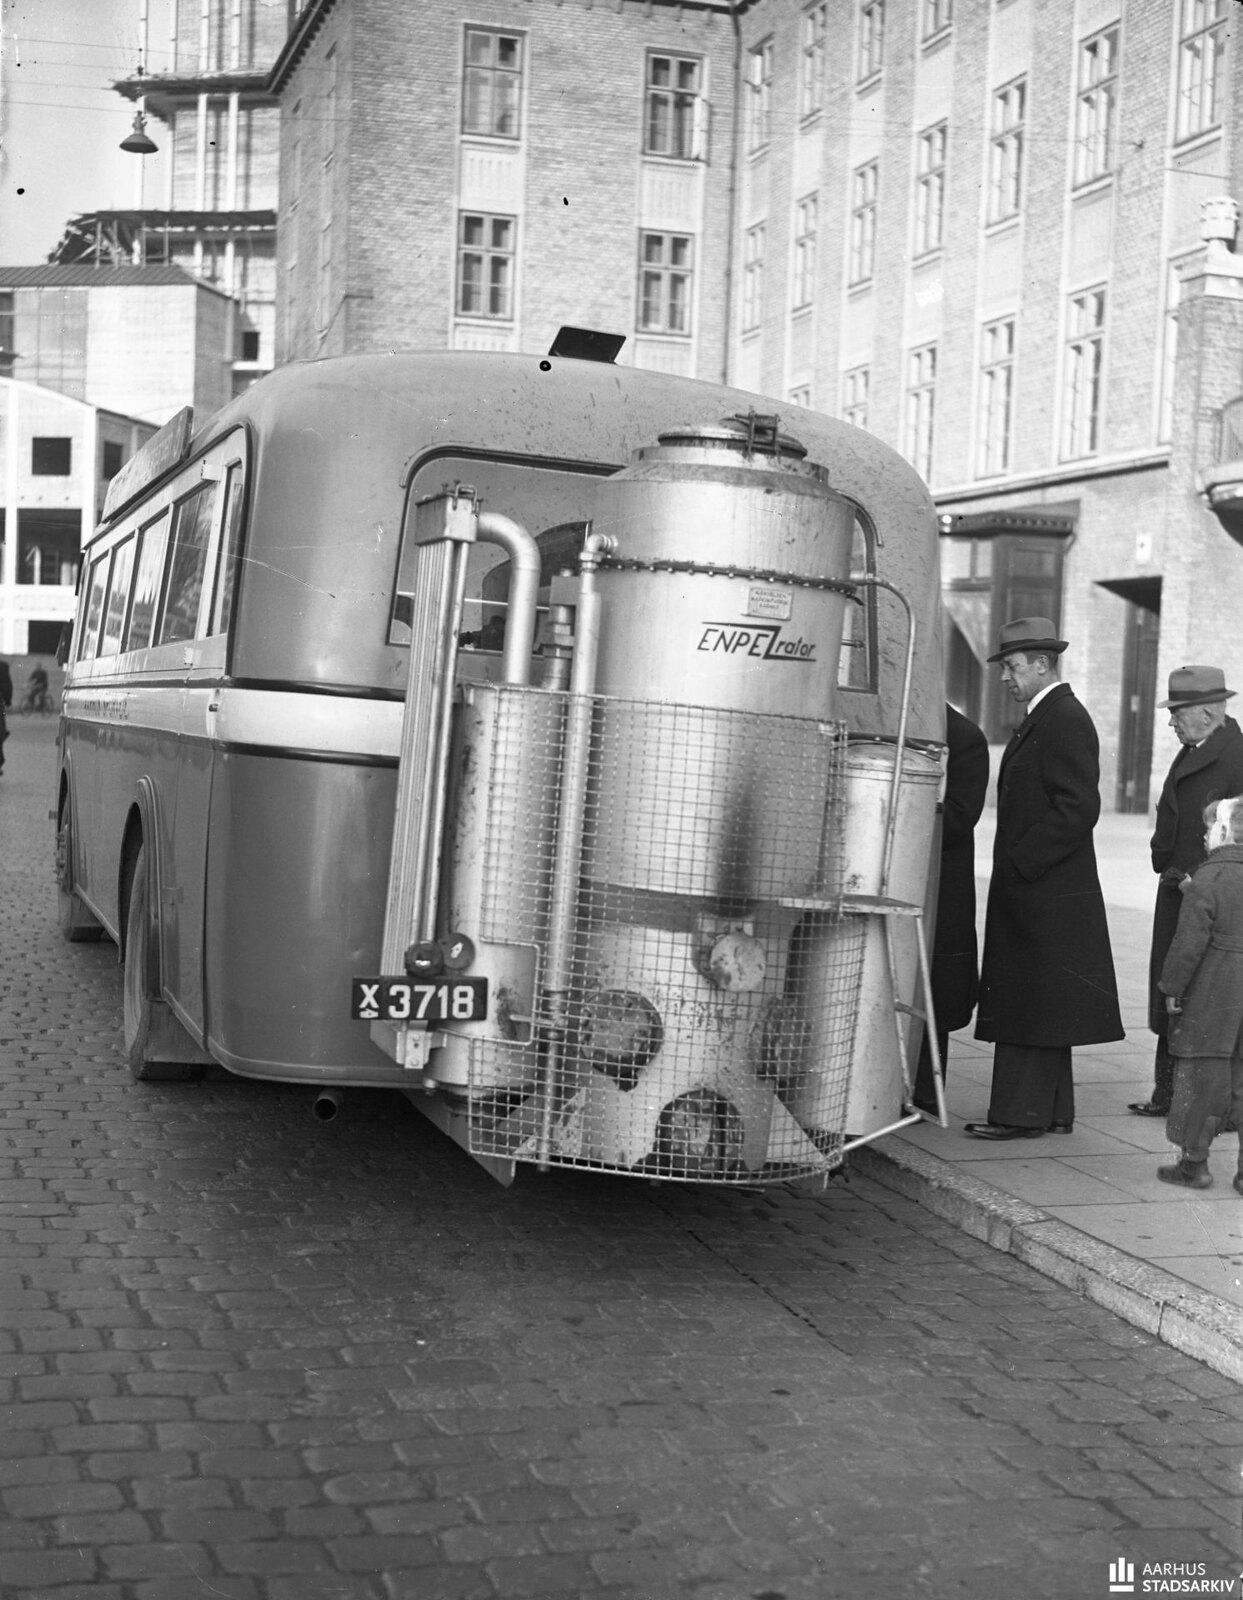 1940. Автобус на Парке Алле с генератором газового двигателя в задней части. Ноябрь